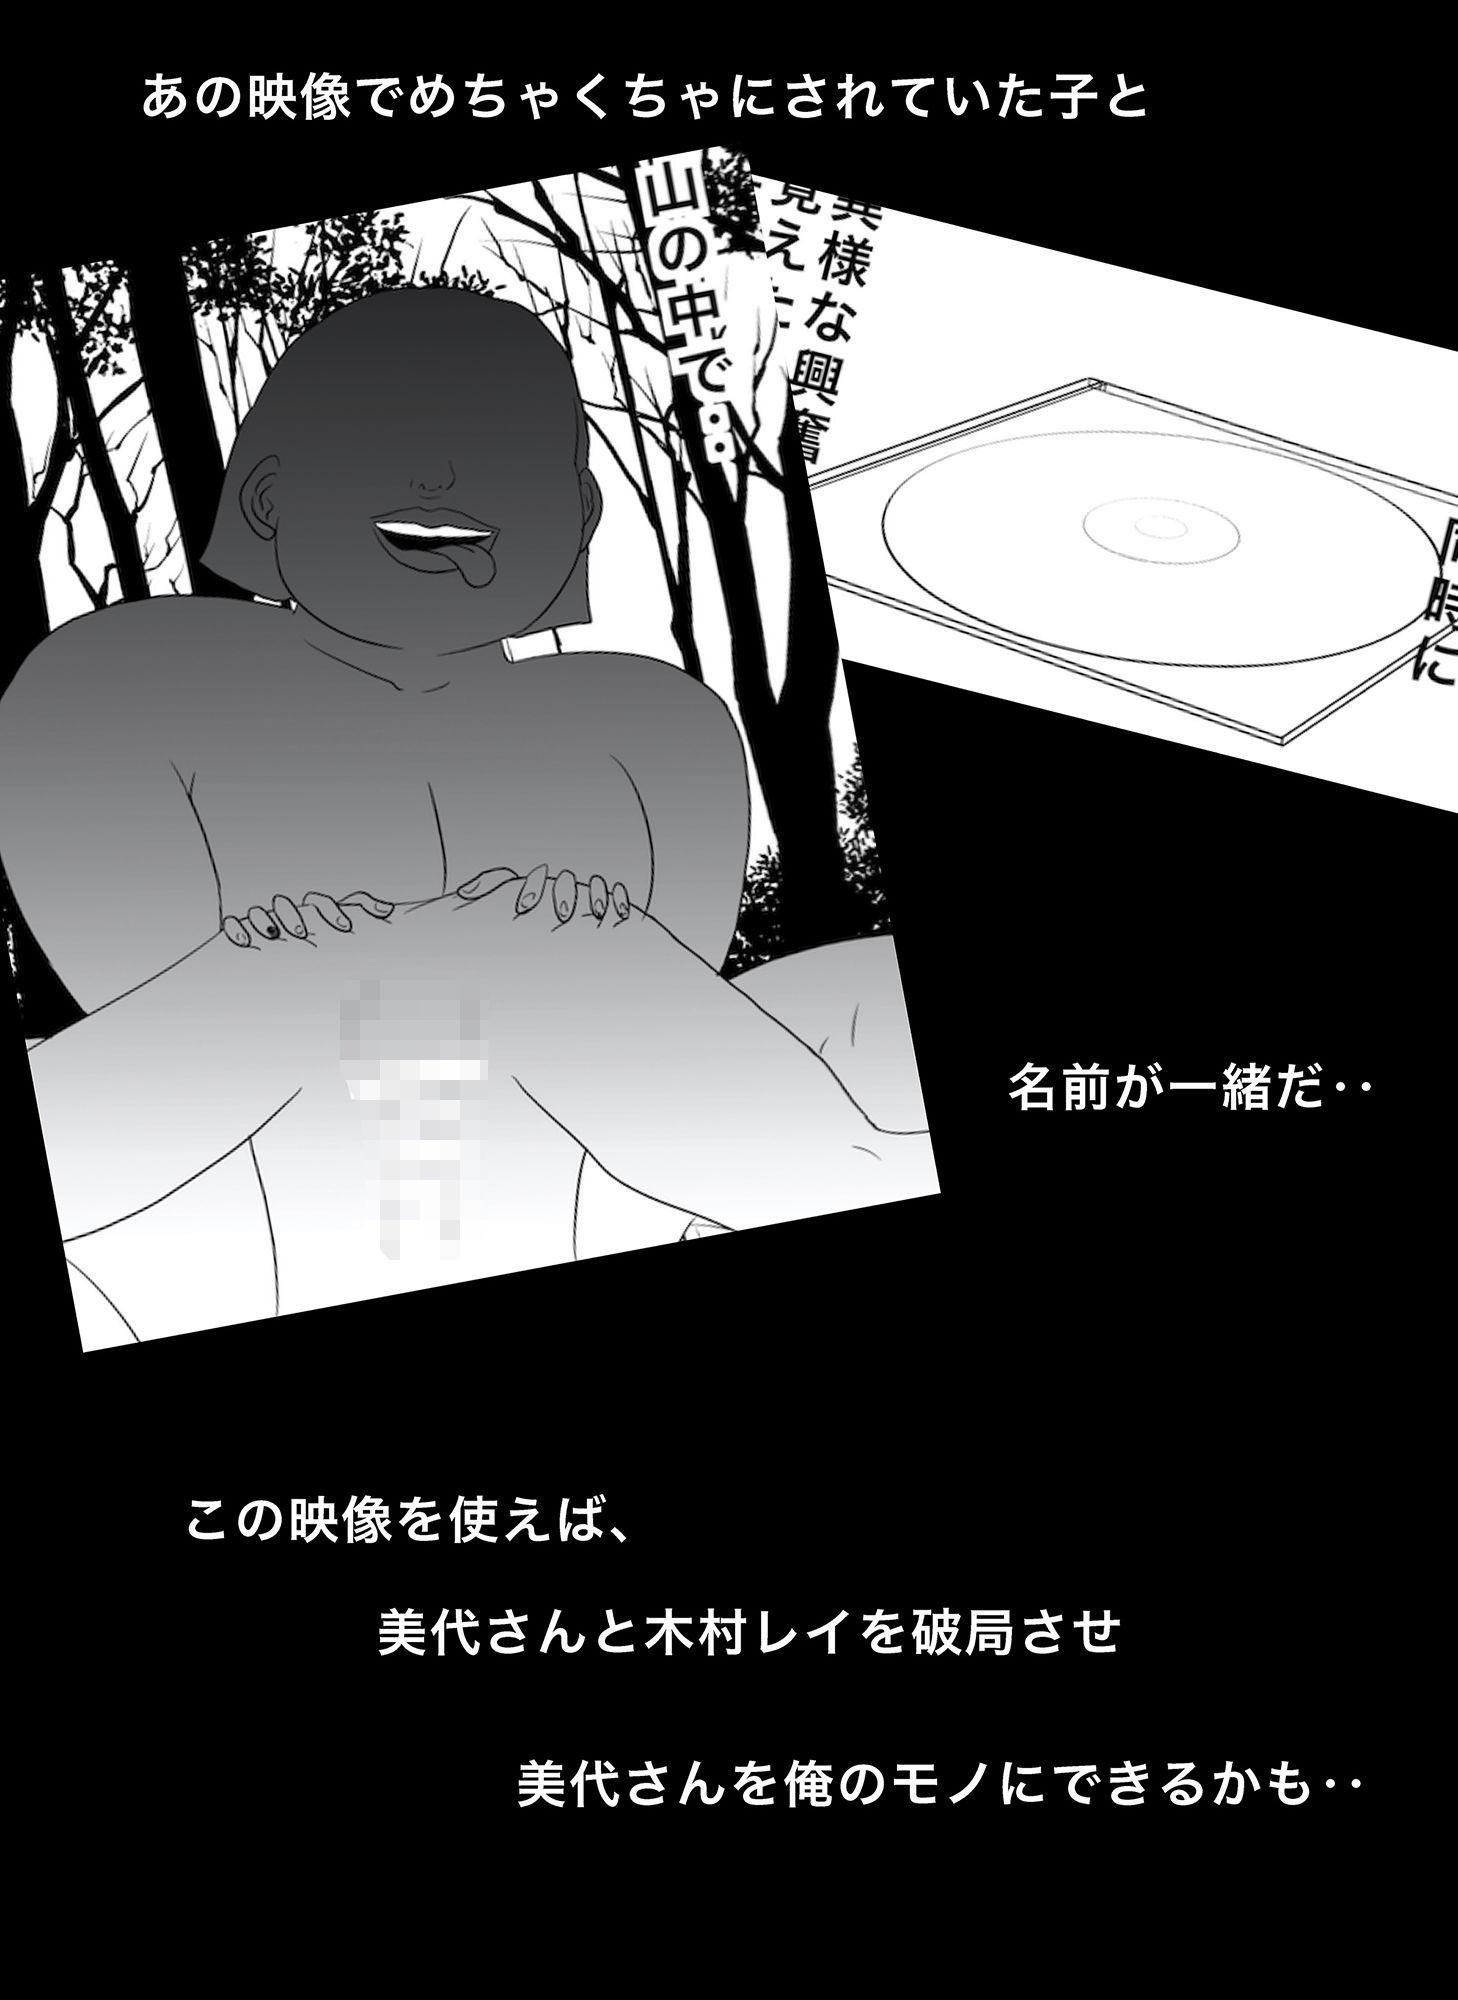 【無料】密かに憧れていた美代先輩が 男に振られてやけ酒した後、 バカにしていた後輩にNTR されていた話 番外編 香川